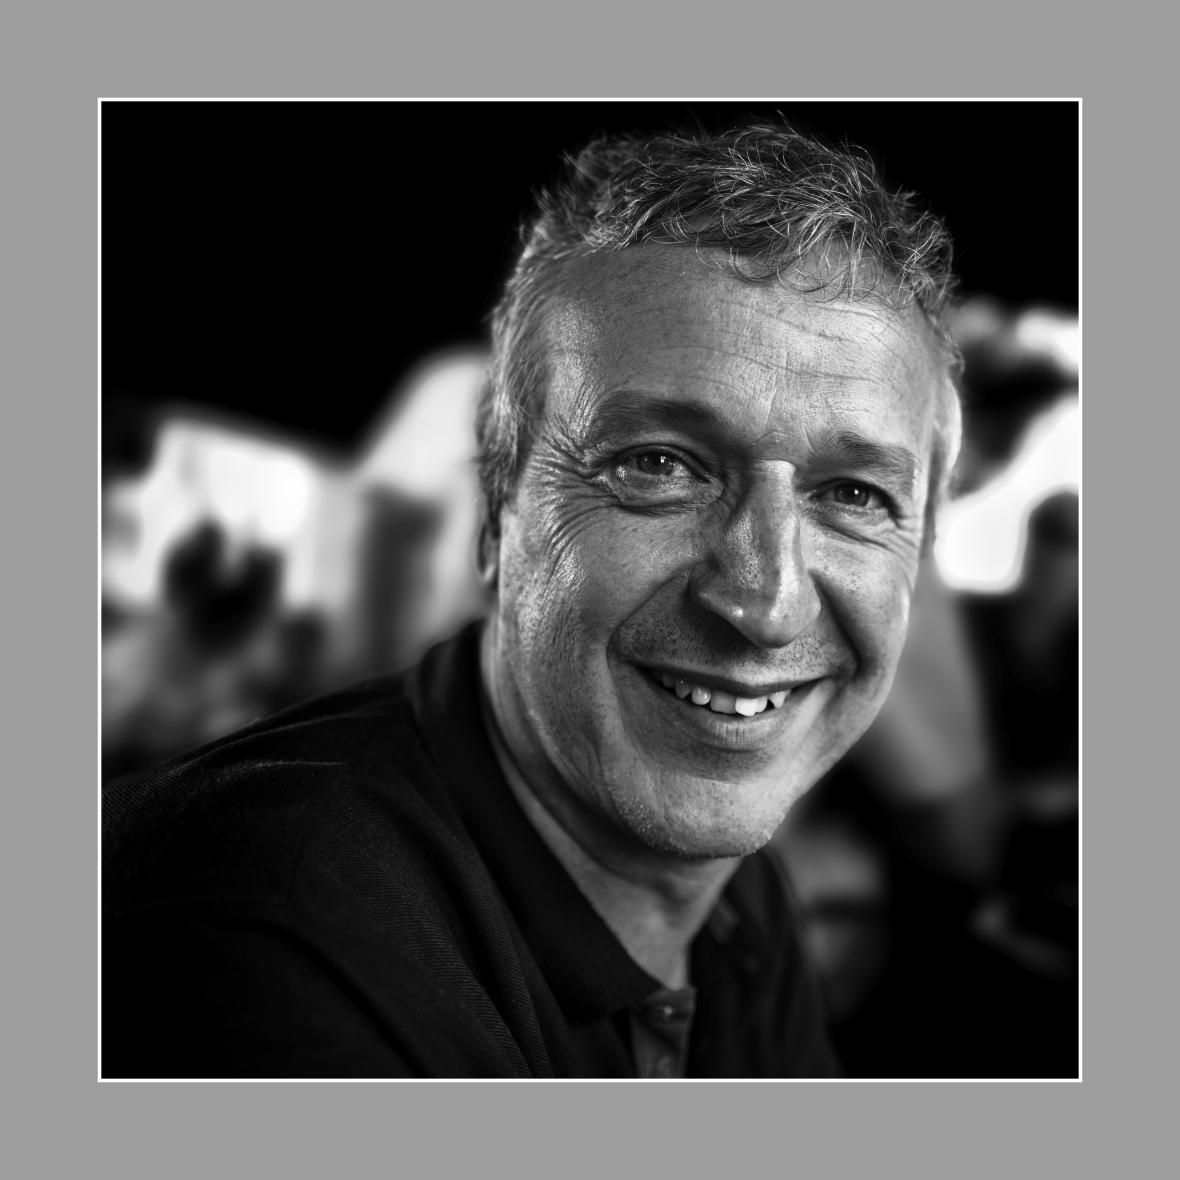 Claudio Javier Cabello con marco blanco y negro.jpg